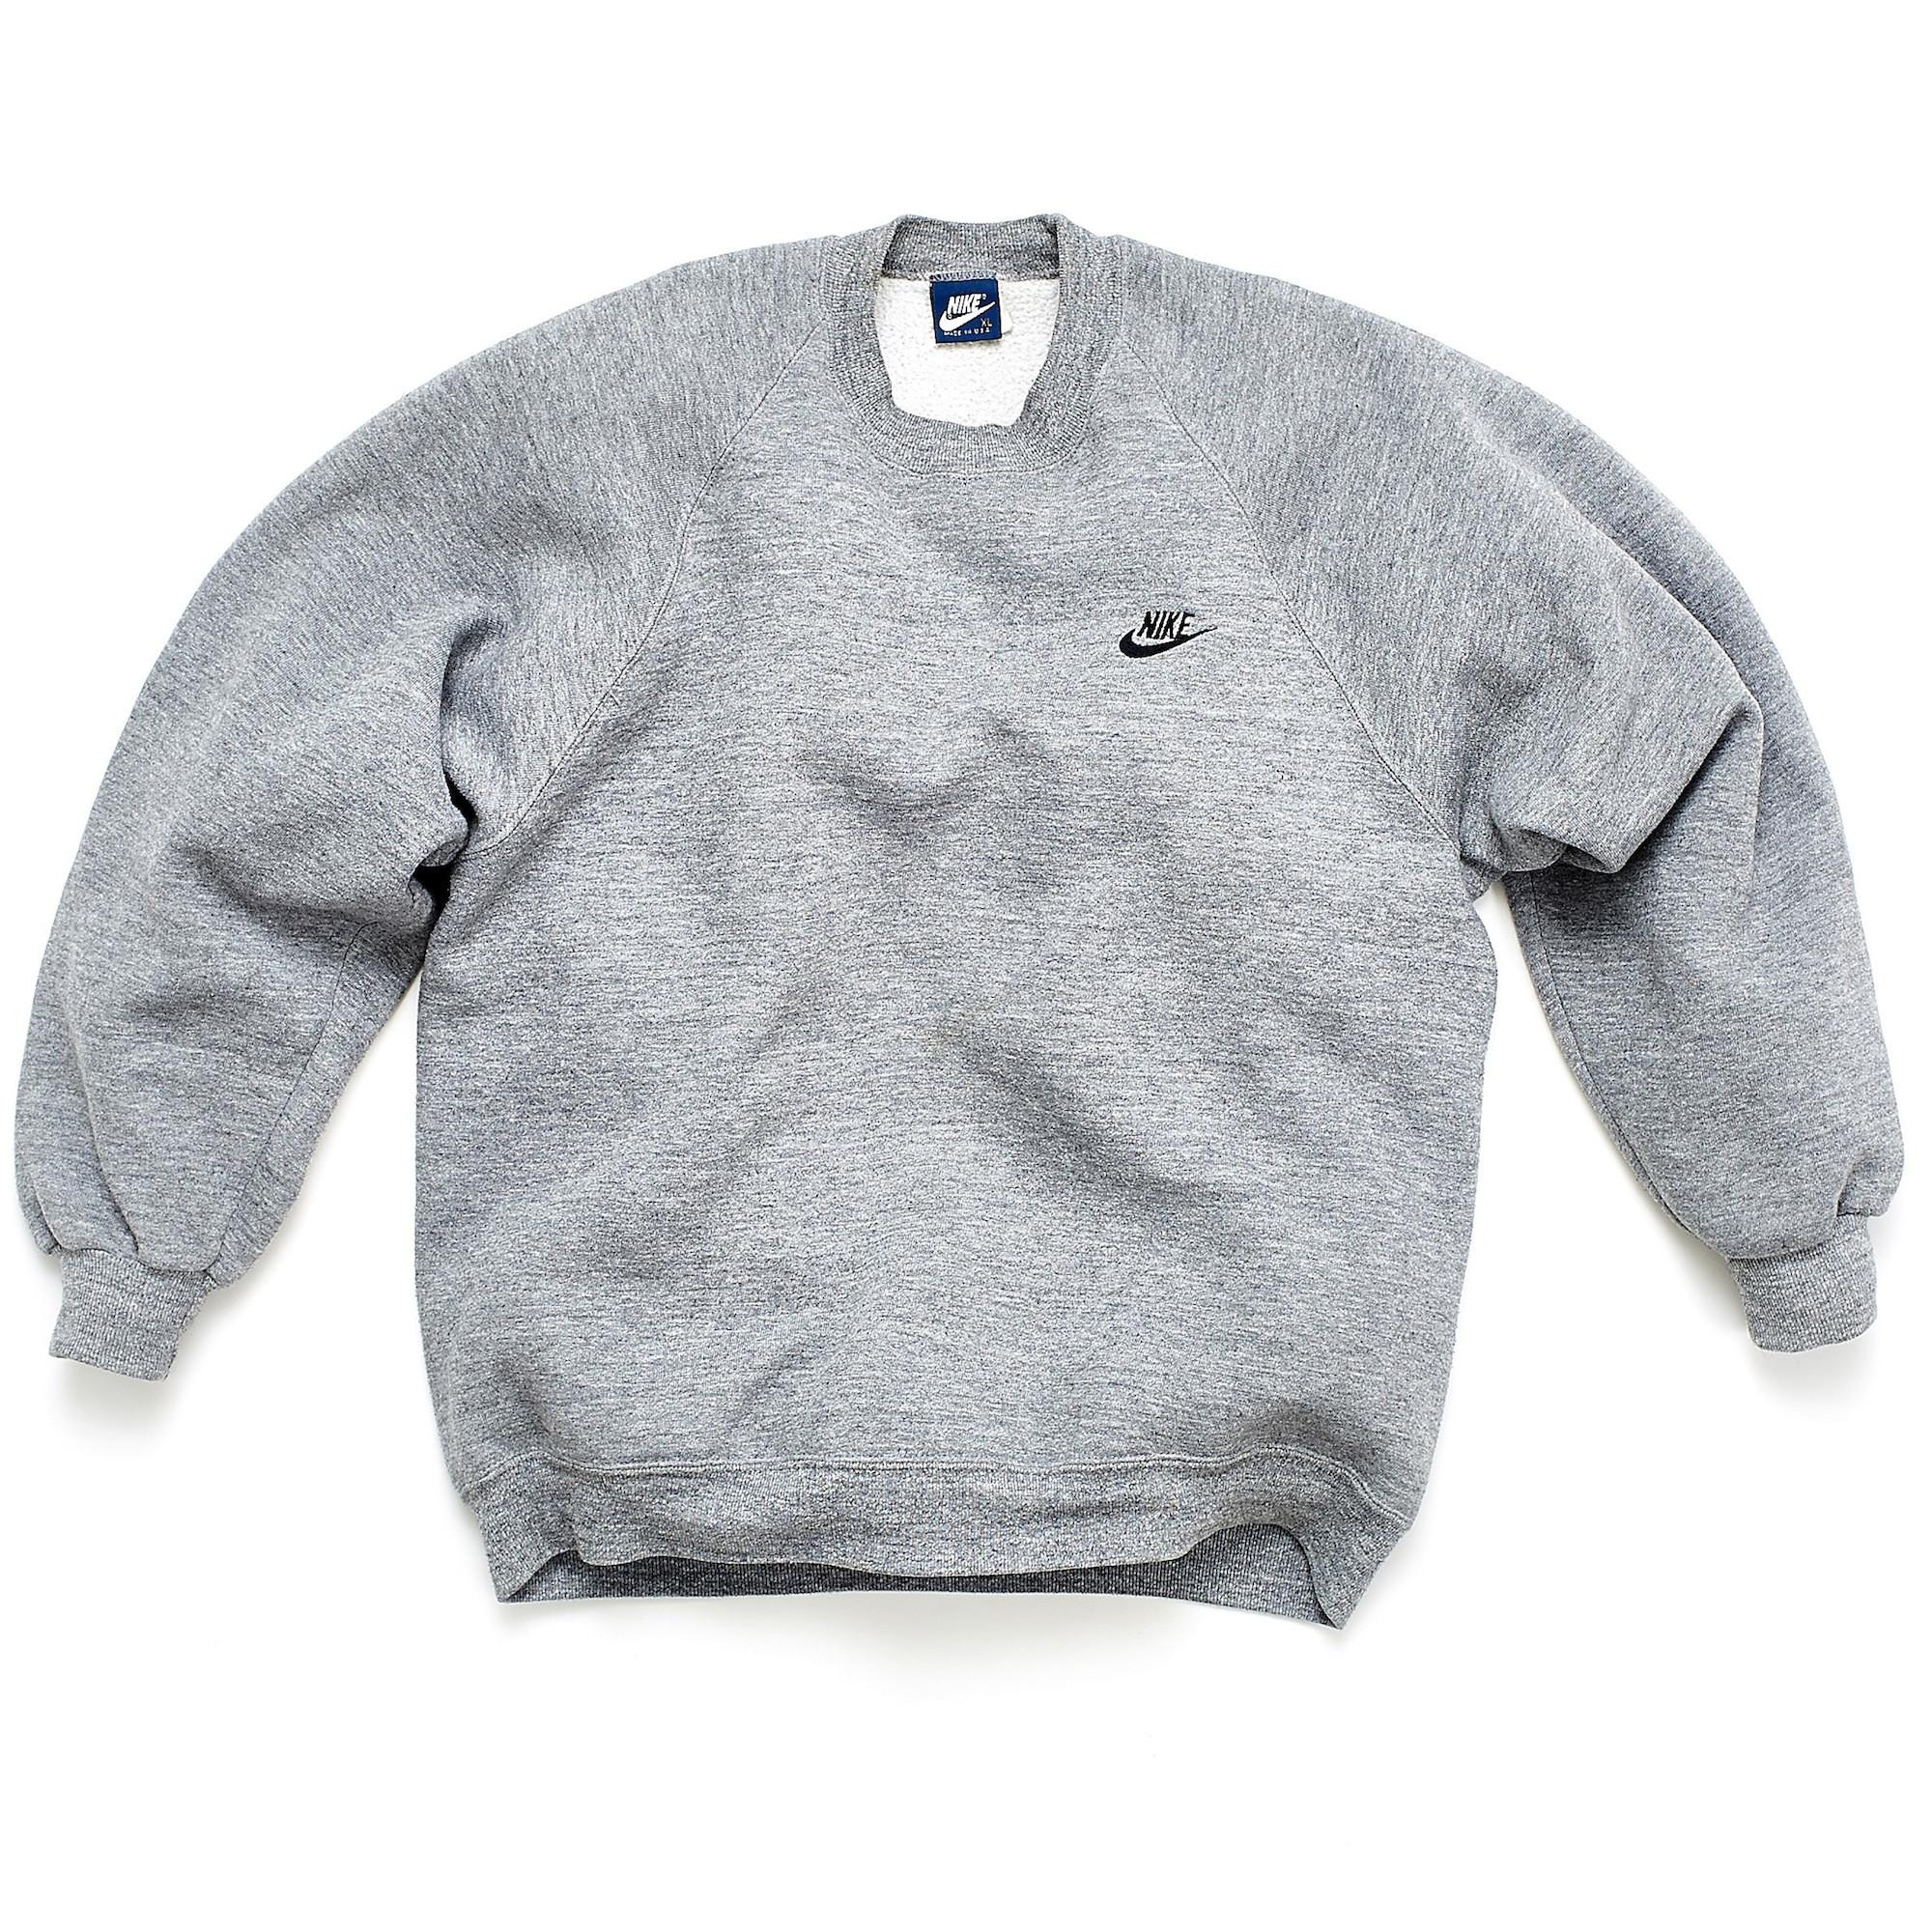 Swoosh Crew Neck Sweatshirt Grey